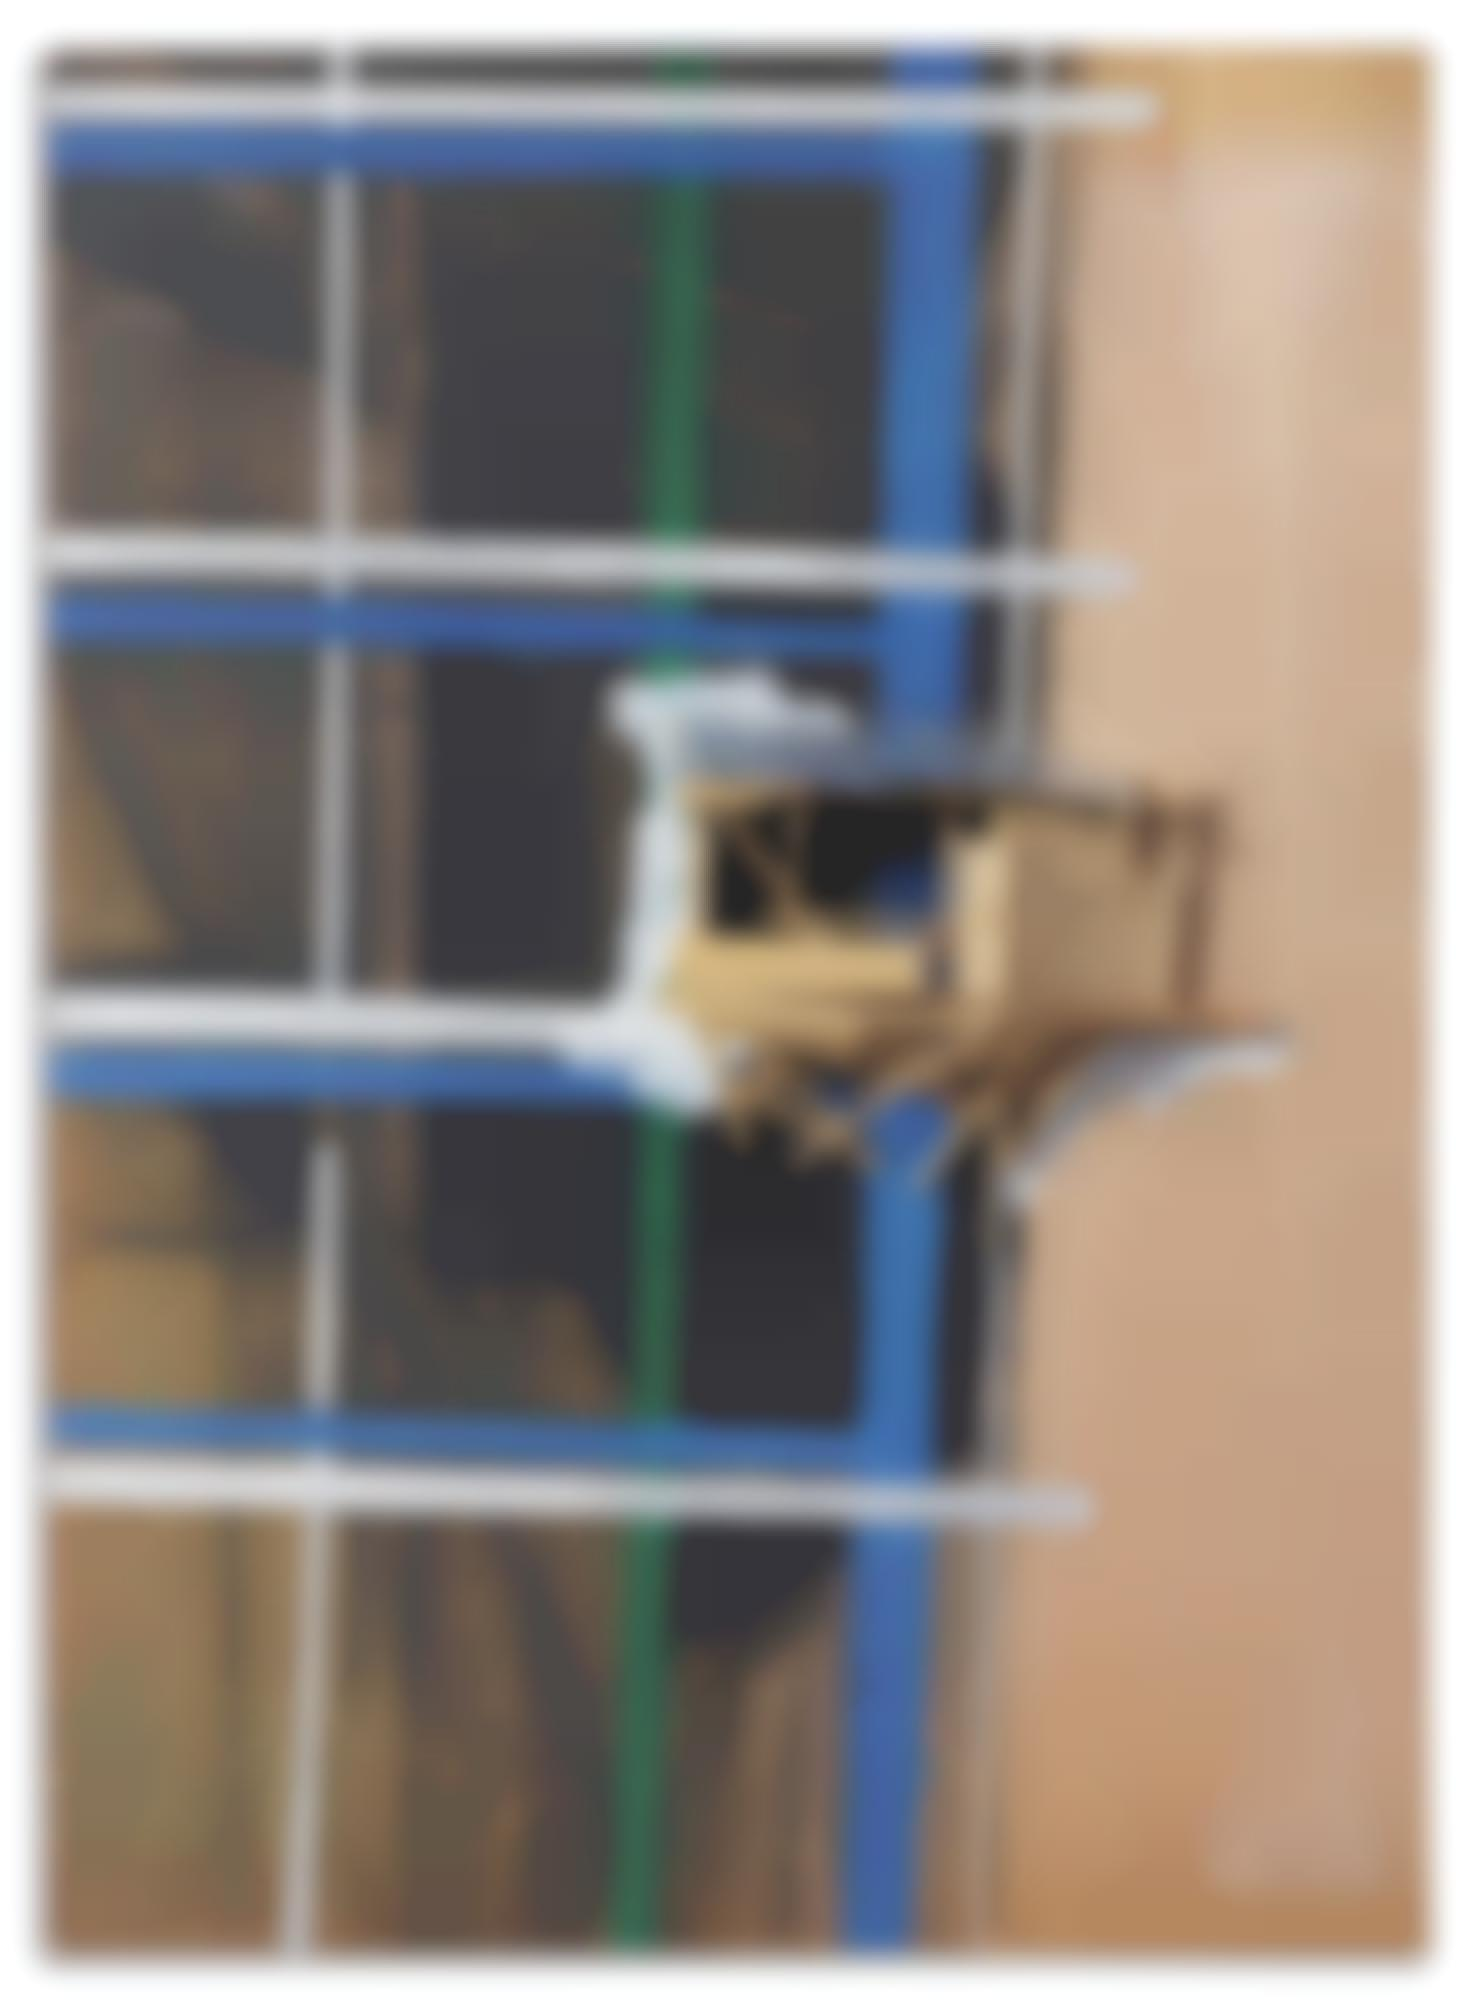 Tadashi Kawamata-Pompidou Plan III-2010